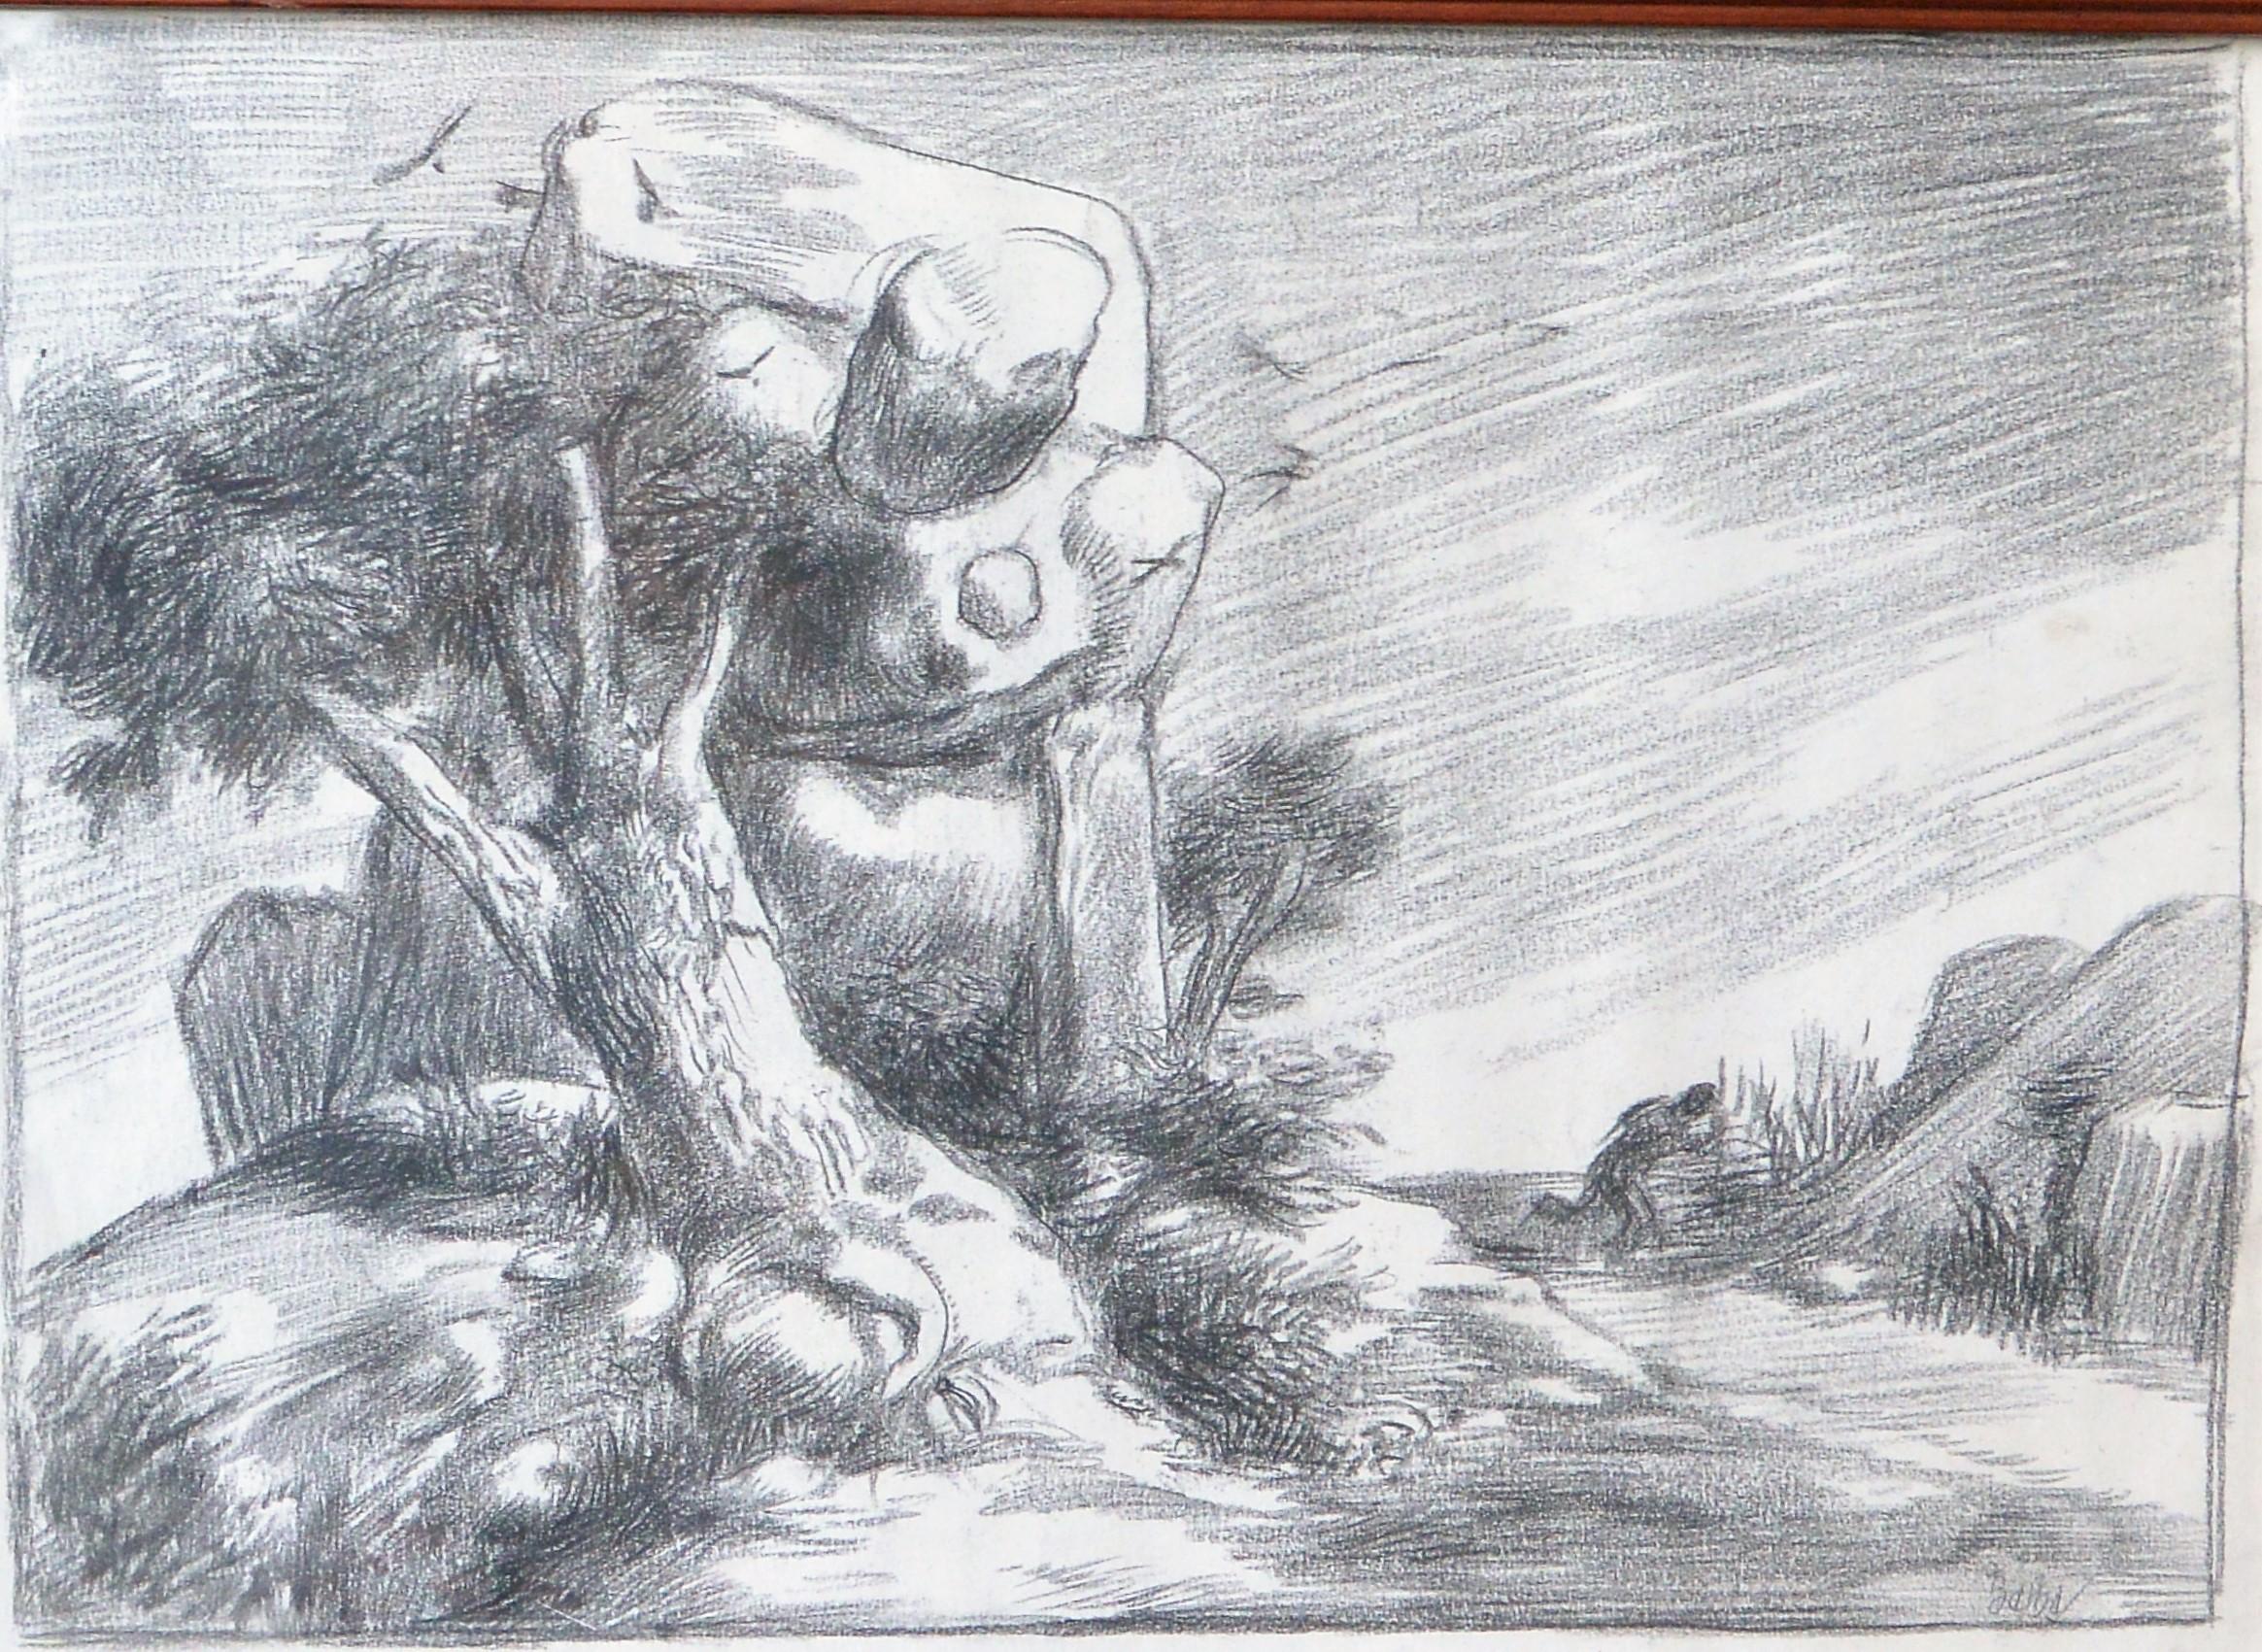 Juan Barba Paisaje Con Rocas Dibujo Lapiz Y Carboncillo Papel